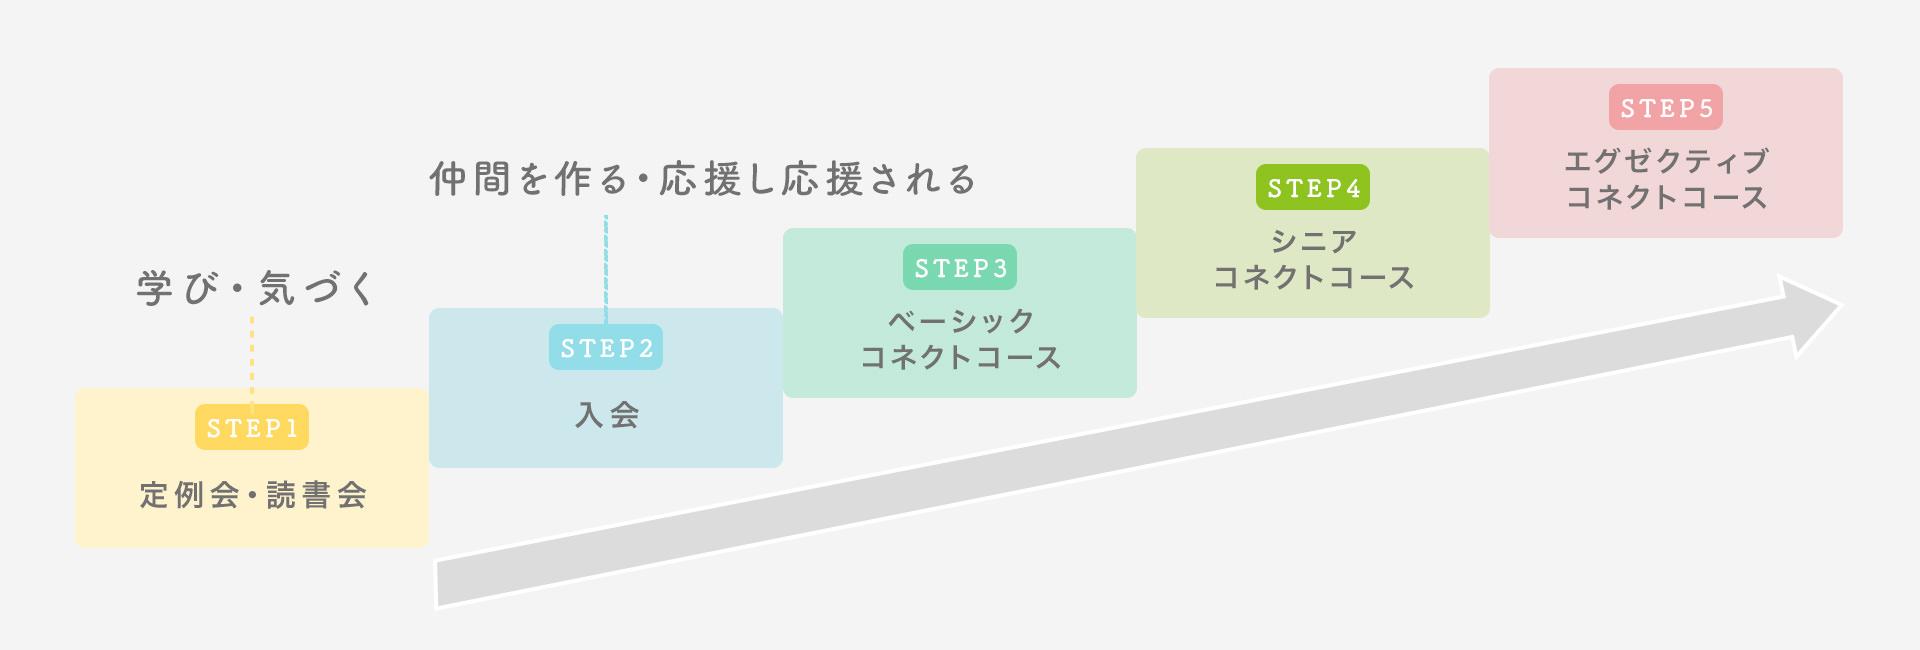 コネクト講座STEP